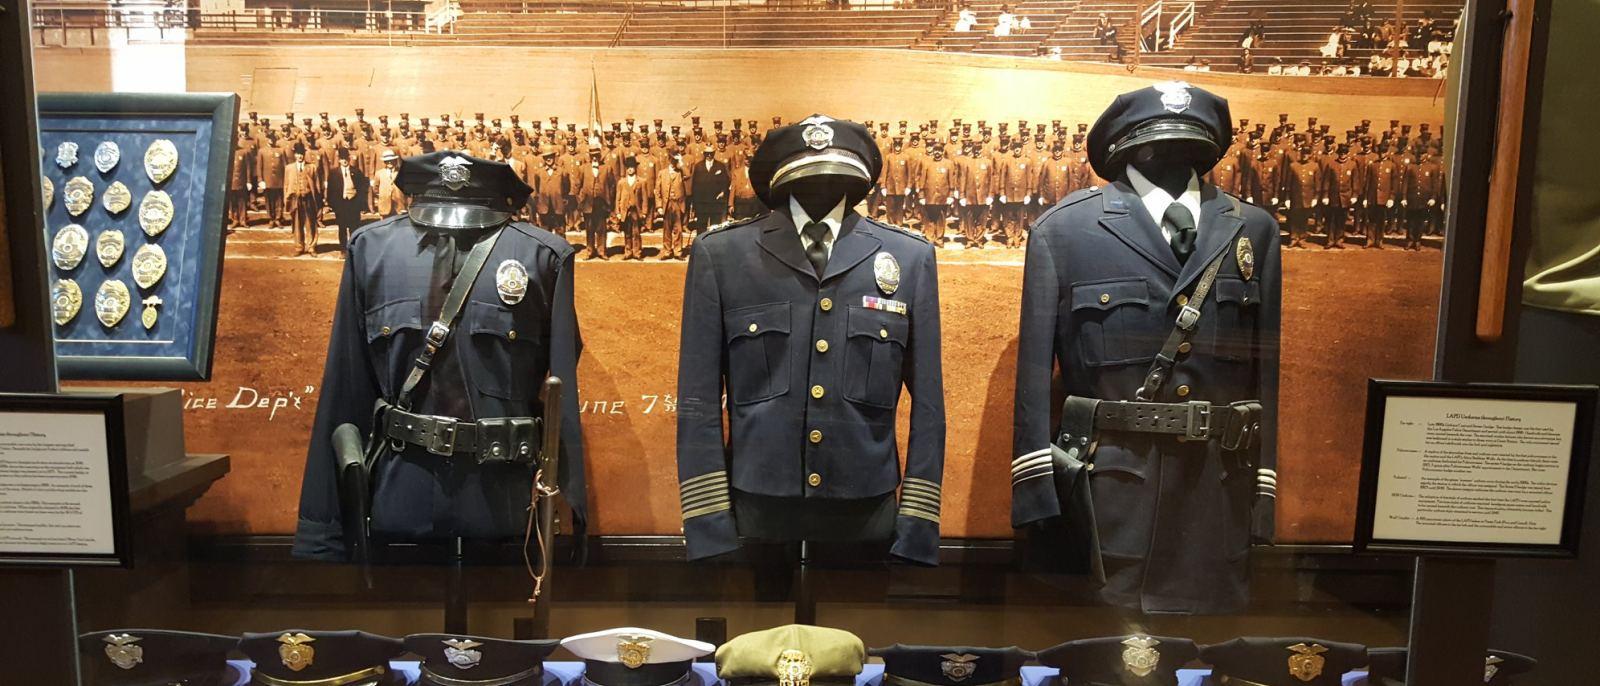 Los Angeles Police Museum uniforms